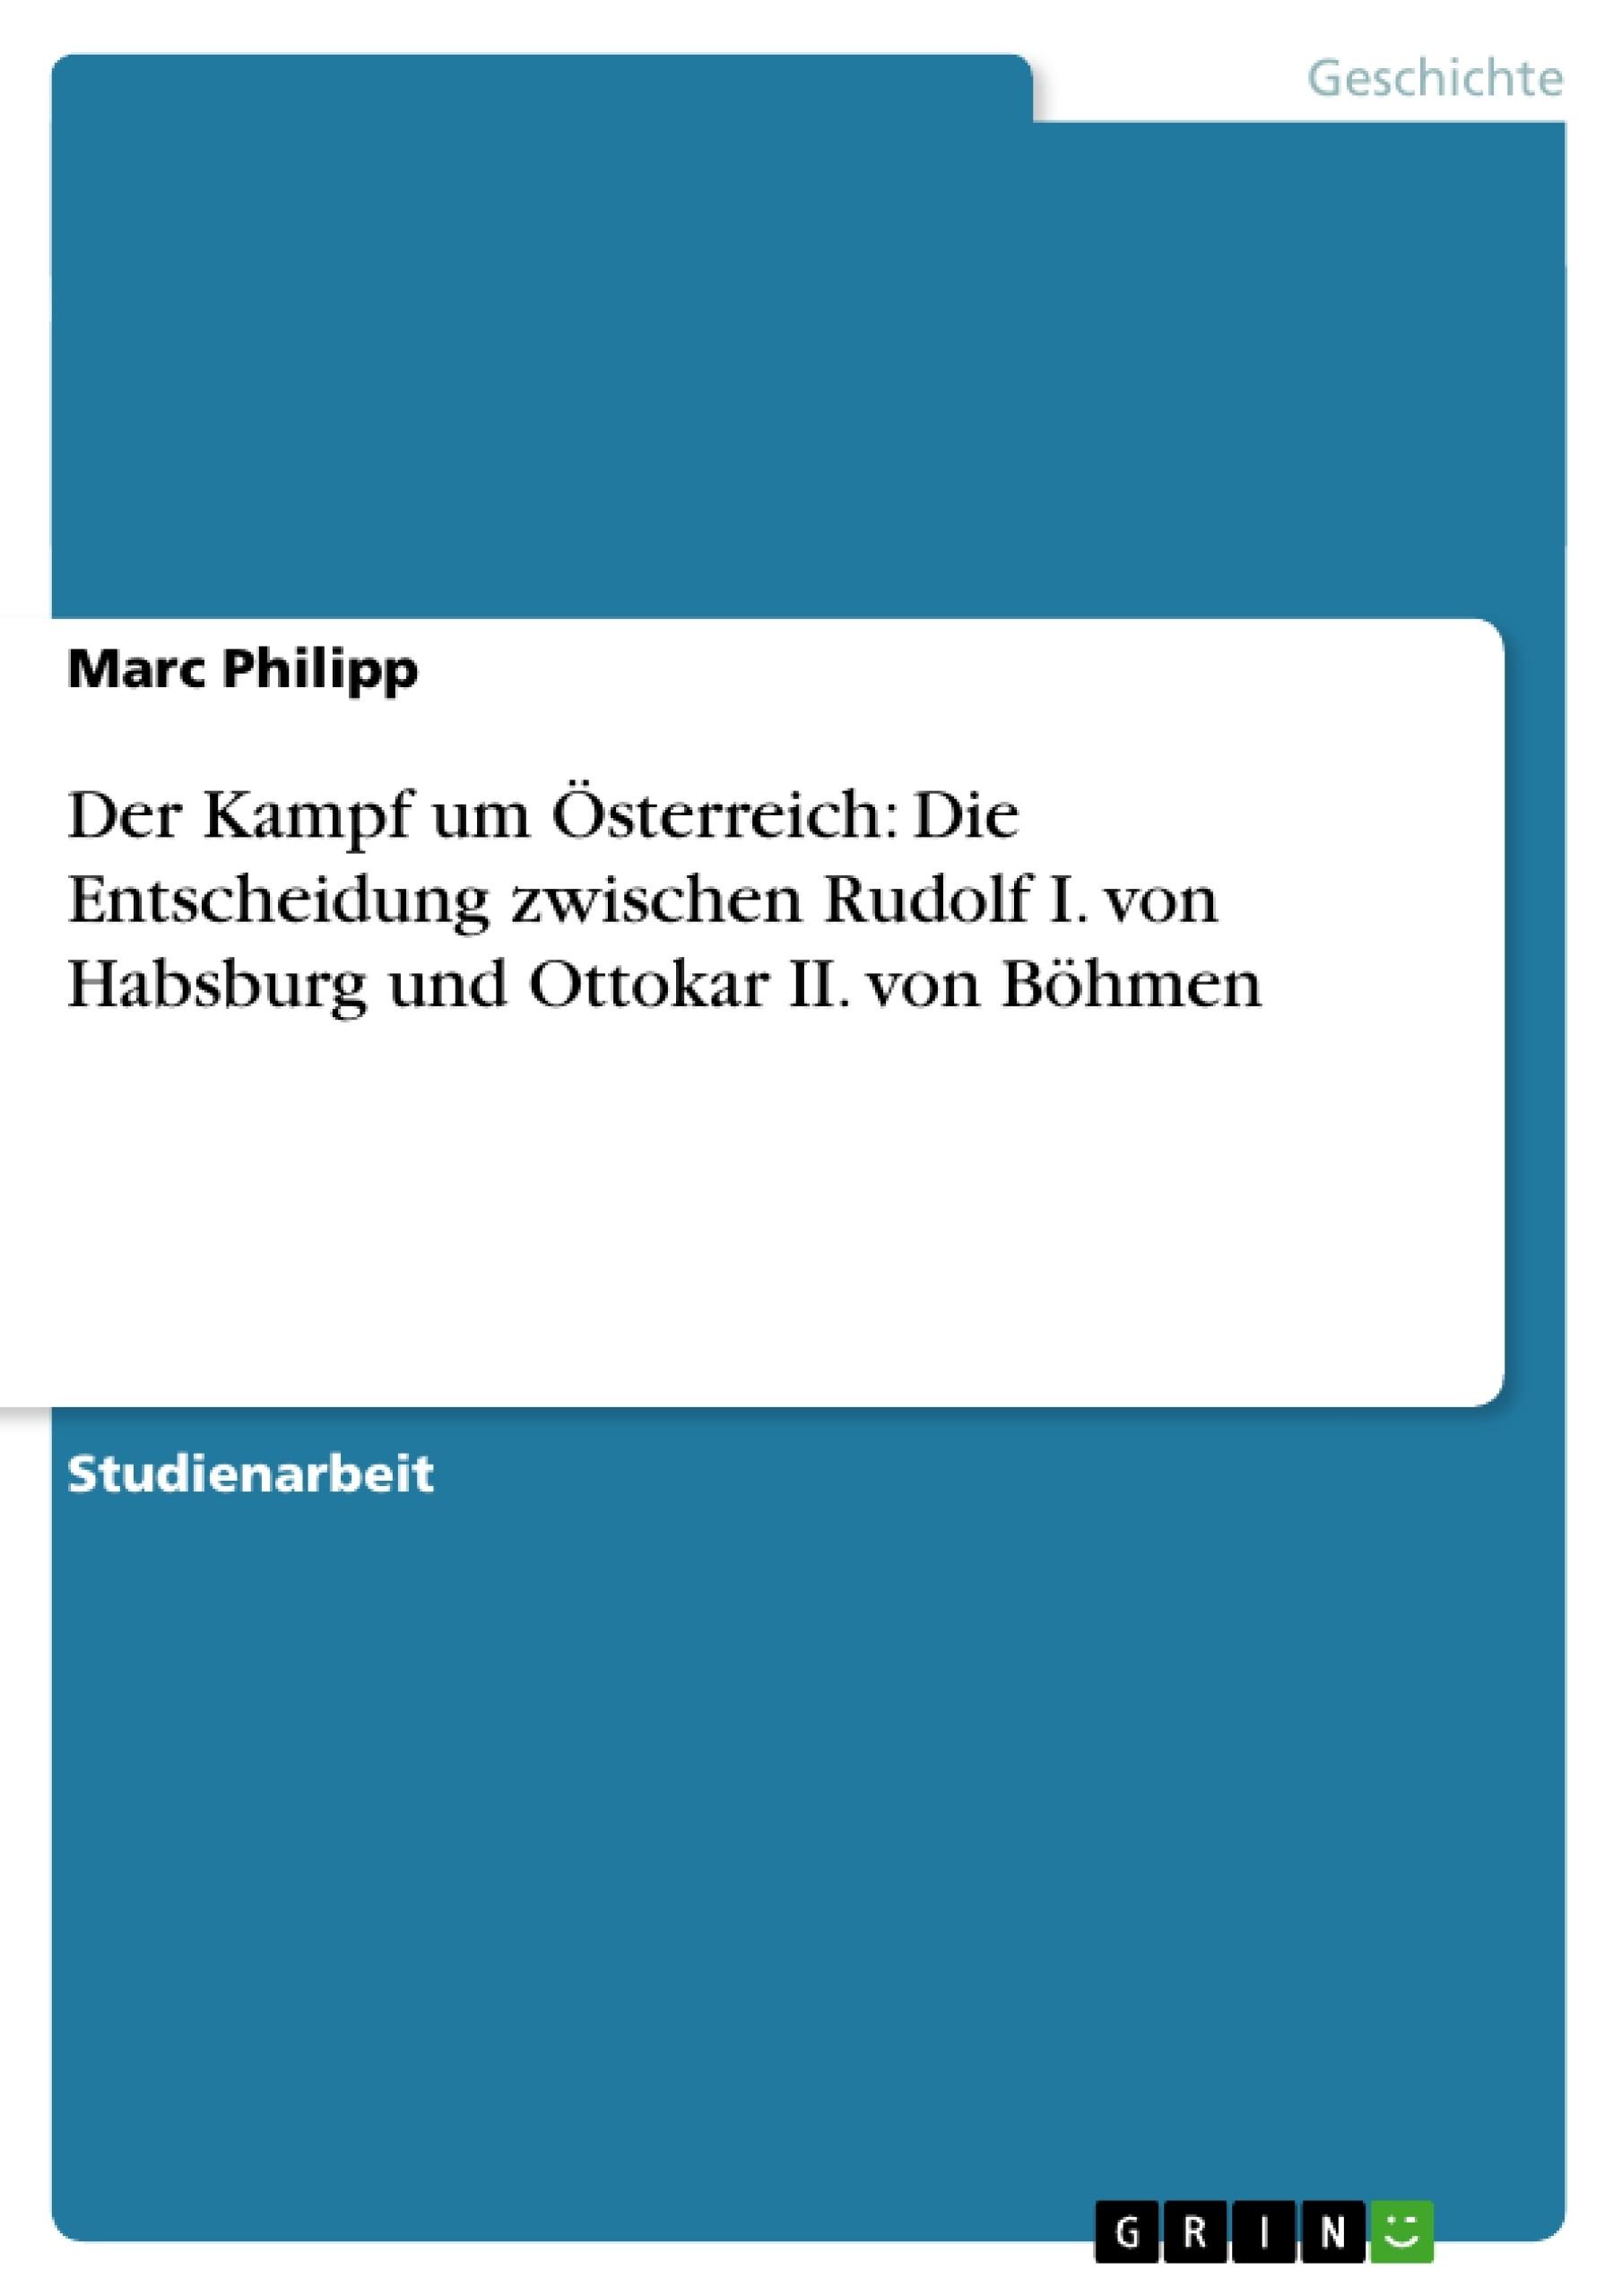 Titel: Der Kampf um Österreich: Die Entscheidung zwischen Rudolf I. von Habsburg und Ottokar II. von Böhmen